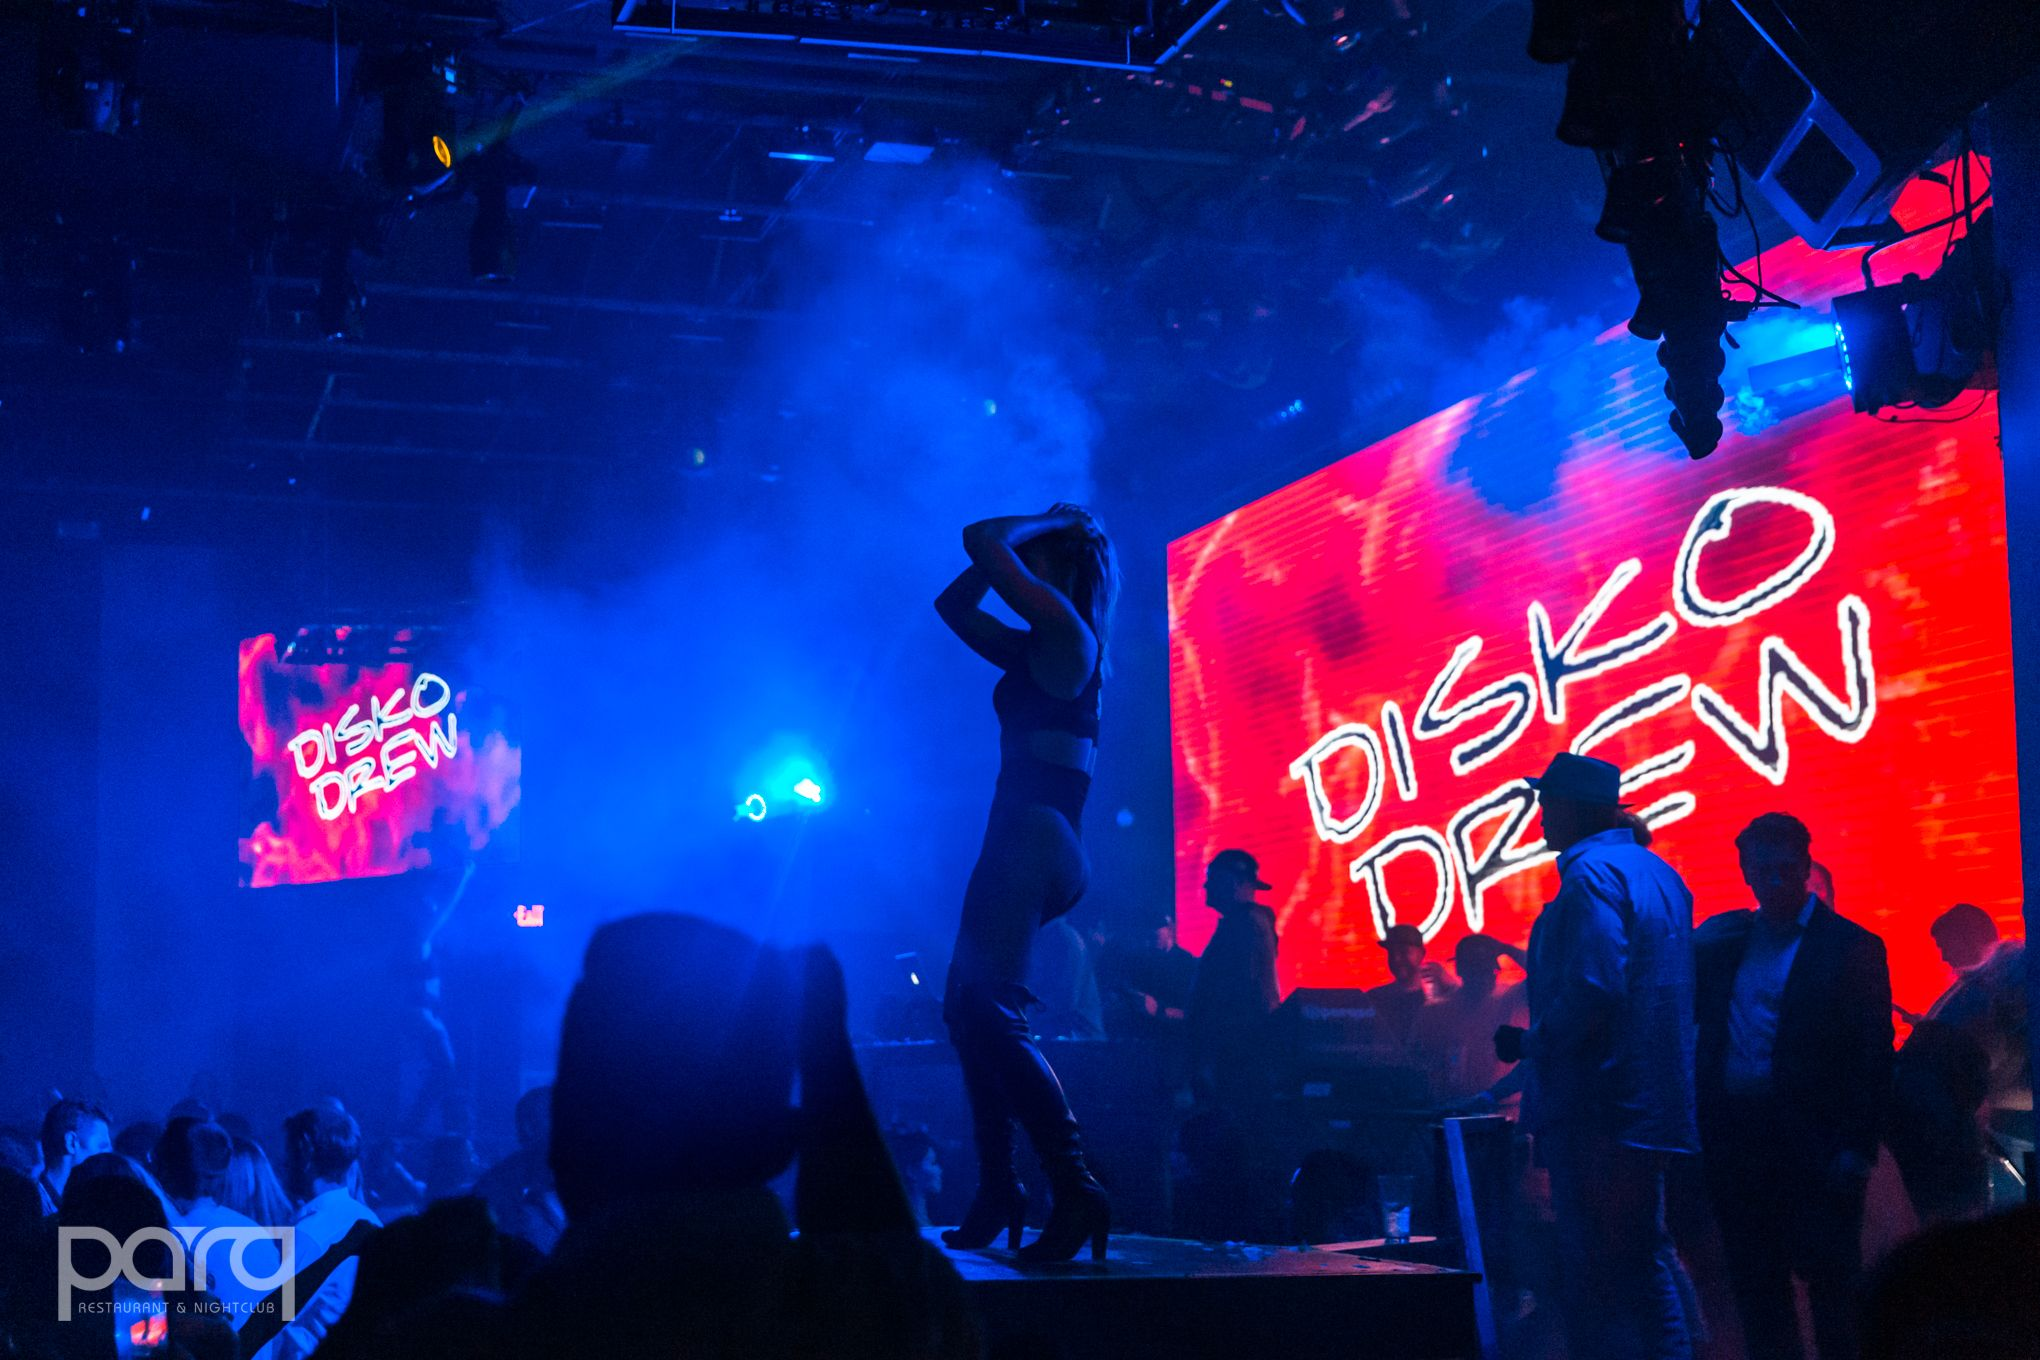 08.17.19 Parq - Beatsource Playground-18.jpg